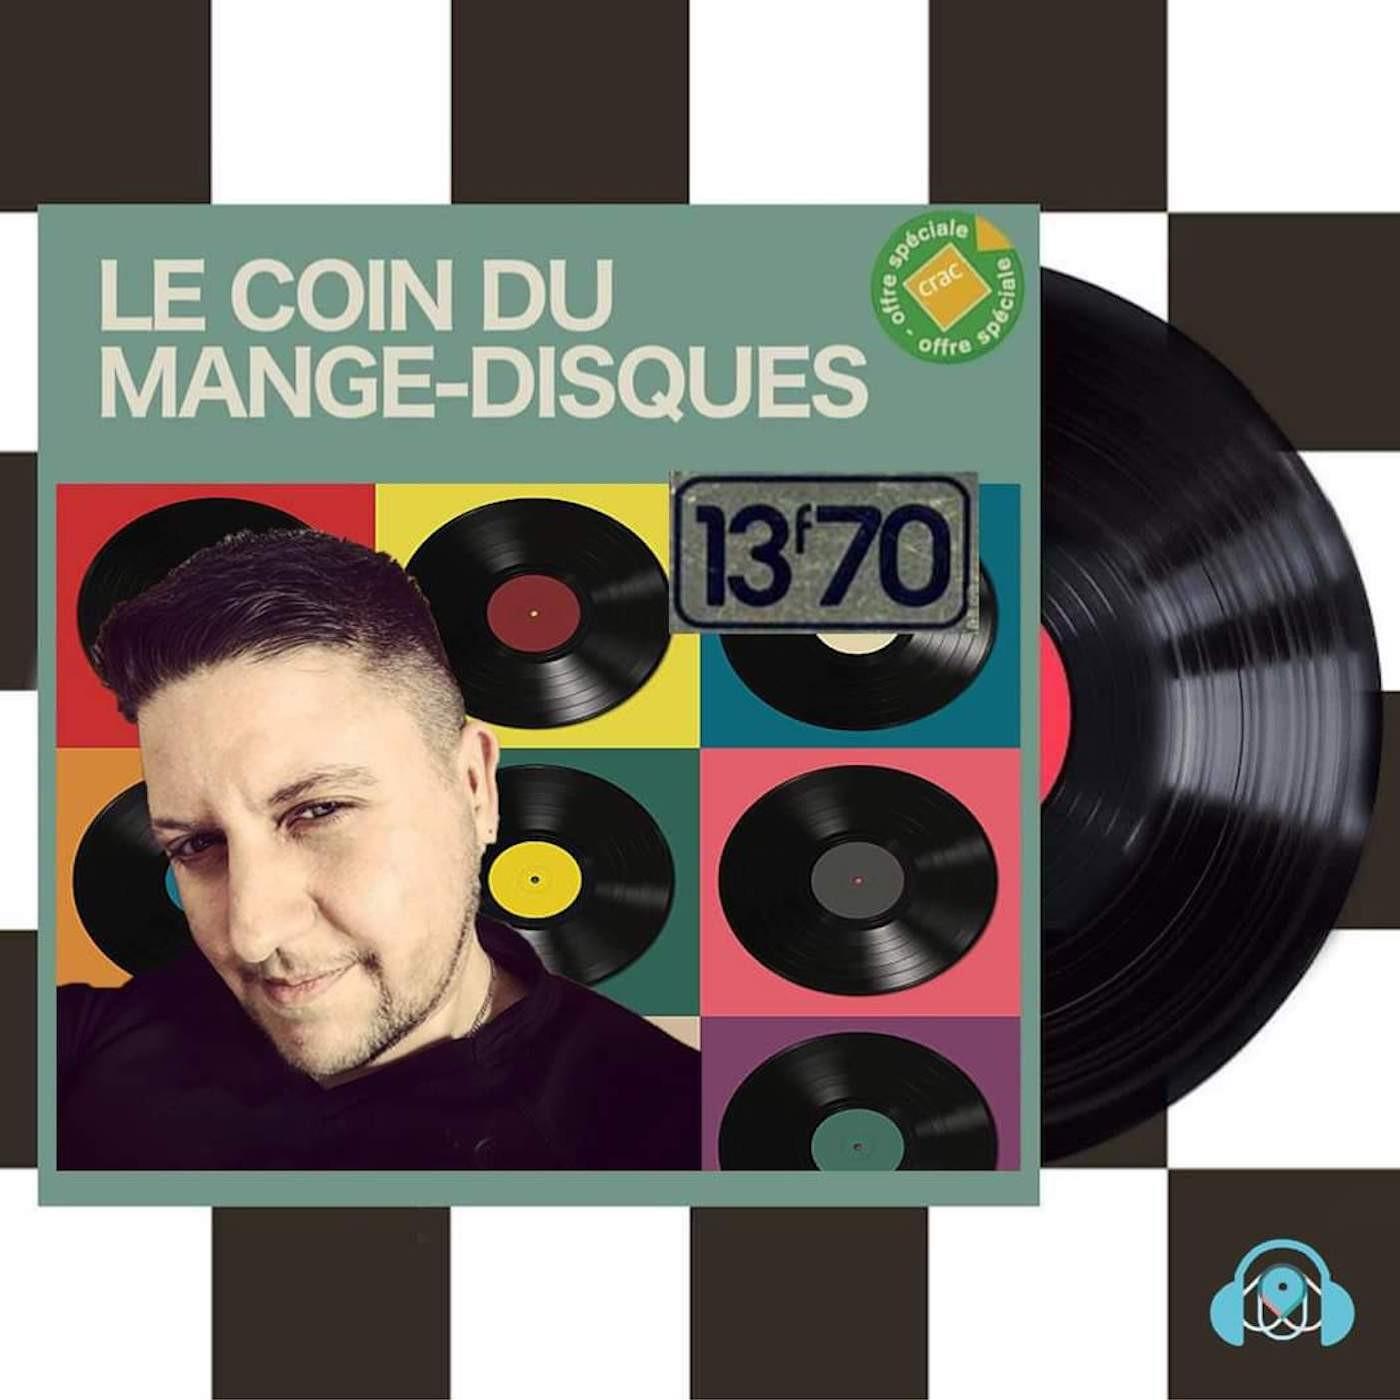 LE COIN DU MANGE-DISQUES S1E3